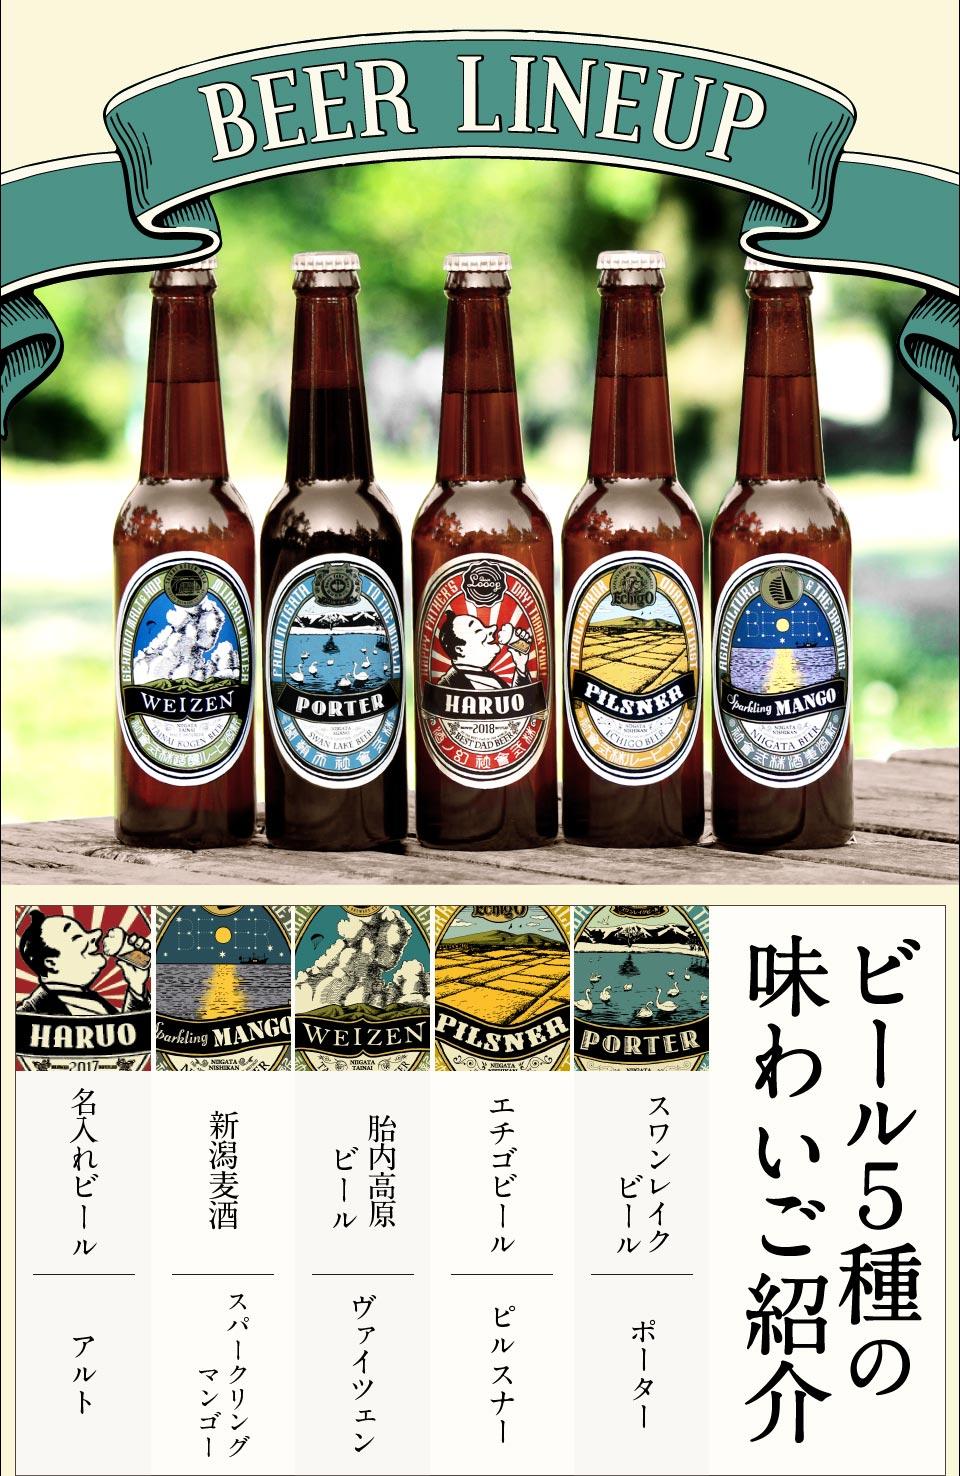 5種類のビール紹介